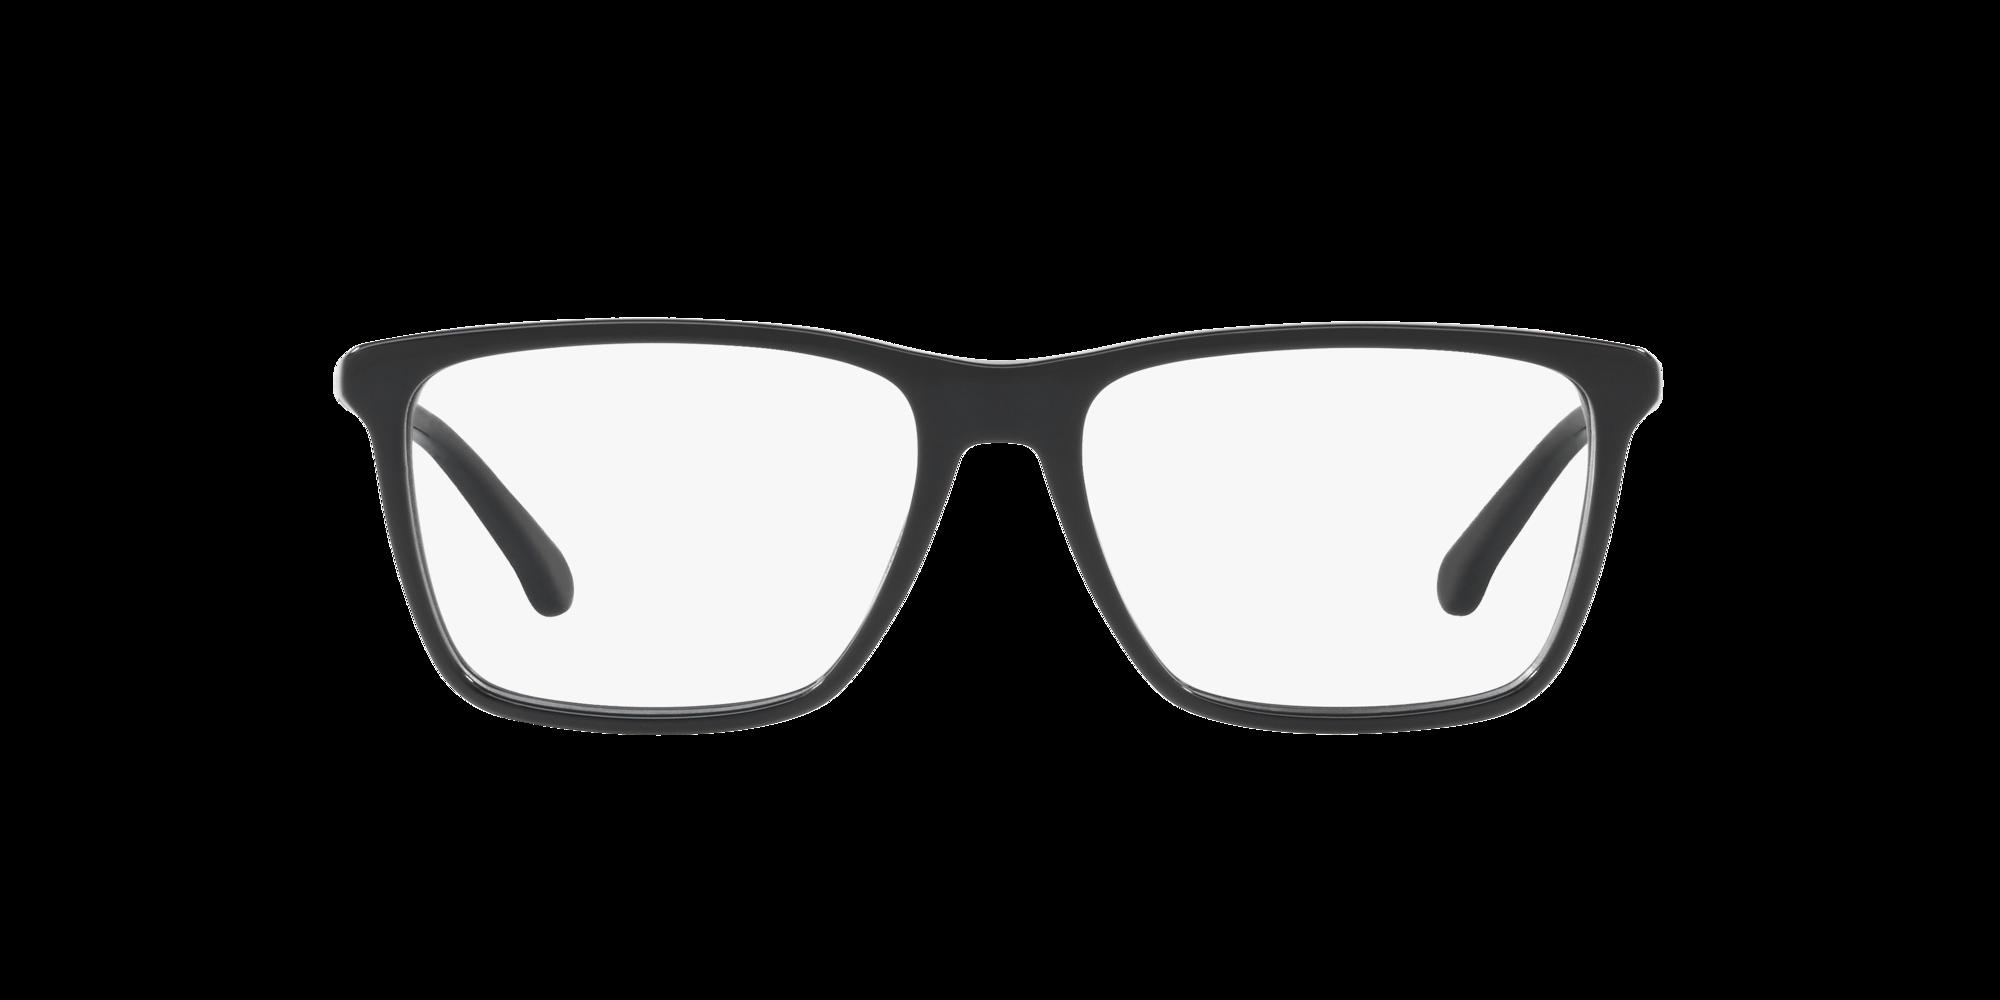 Imagen para BB2037 de LensCrafters |  Espejuelos, espejuelos graduados en línea, gafas